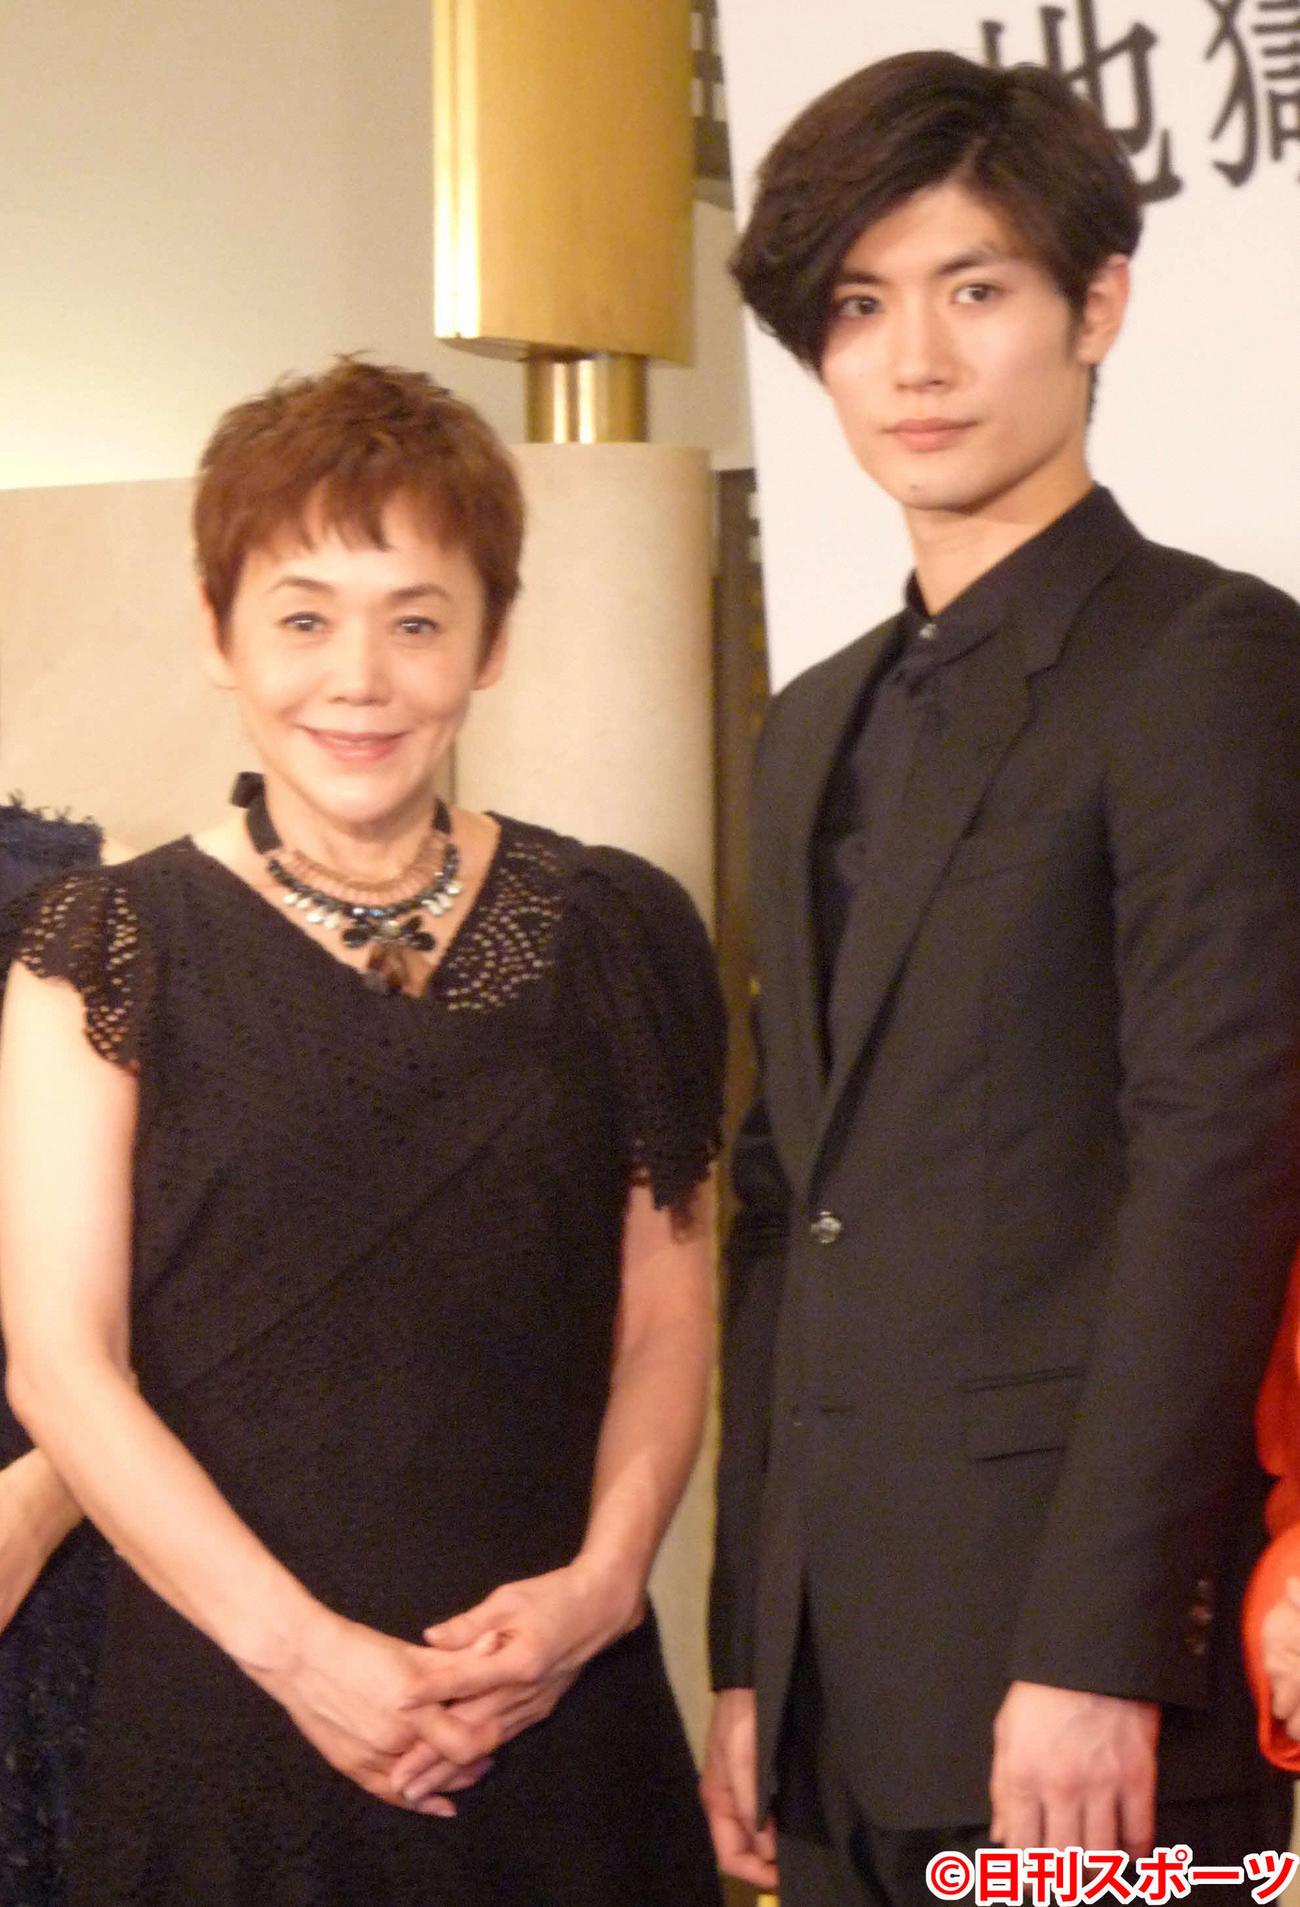 舞台「地獄のオルフェウス」に出演した大竹しのぶと三浦春馬さん(2015年3月25日撮影)